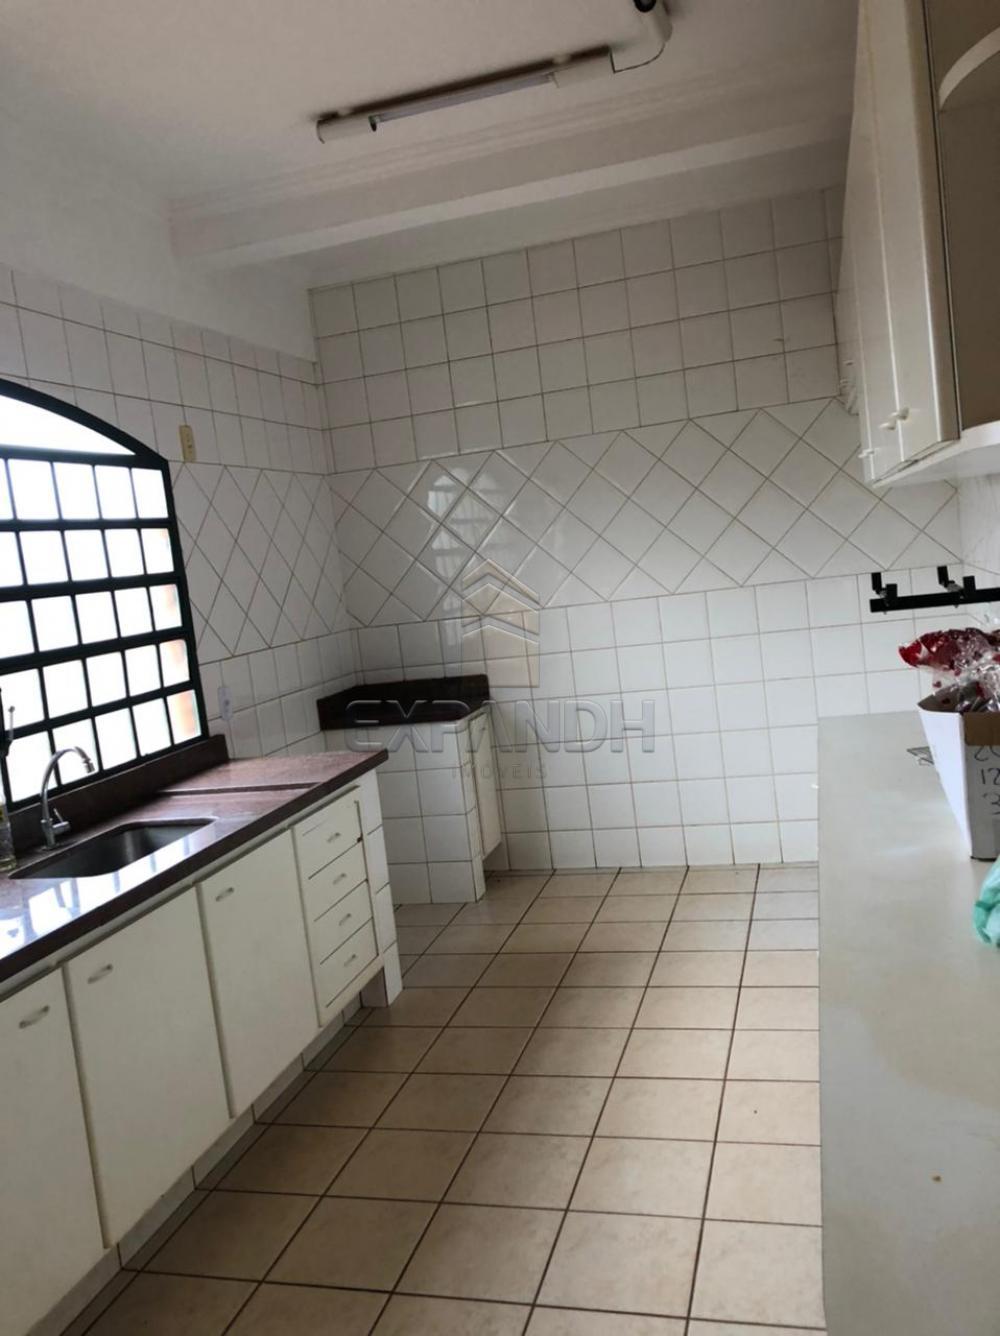 Alugar Casas / Padrão em Sertãozinho R$ 2.700,00 - Foto 12